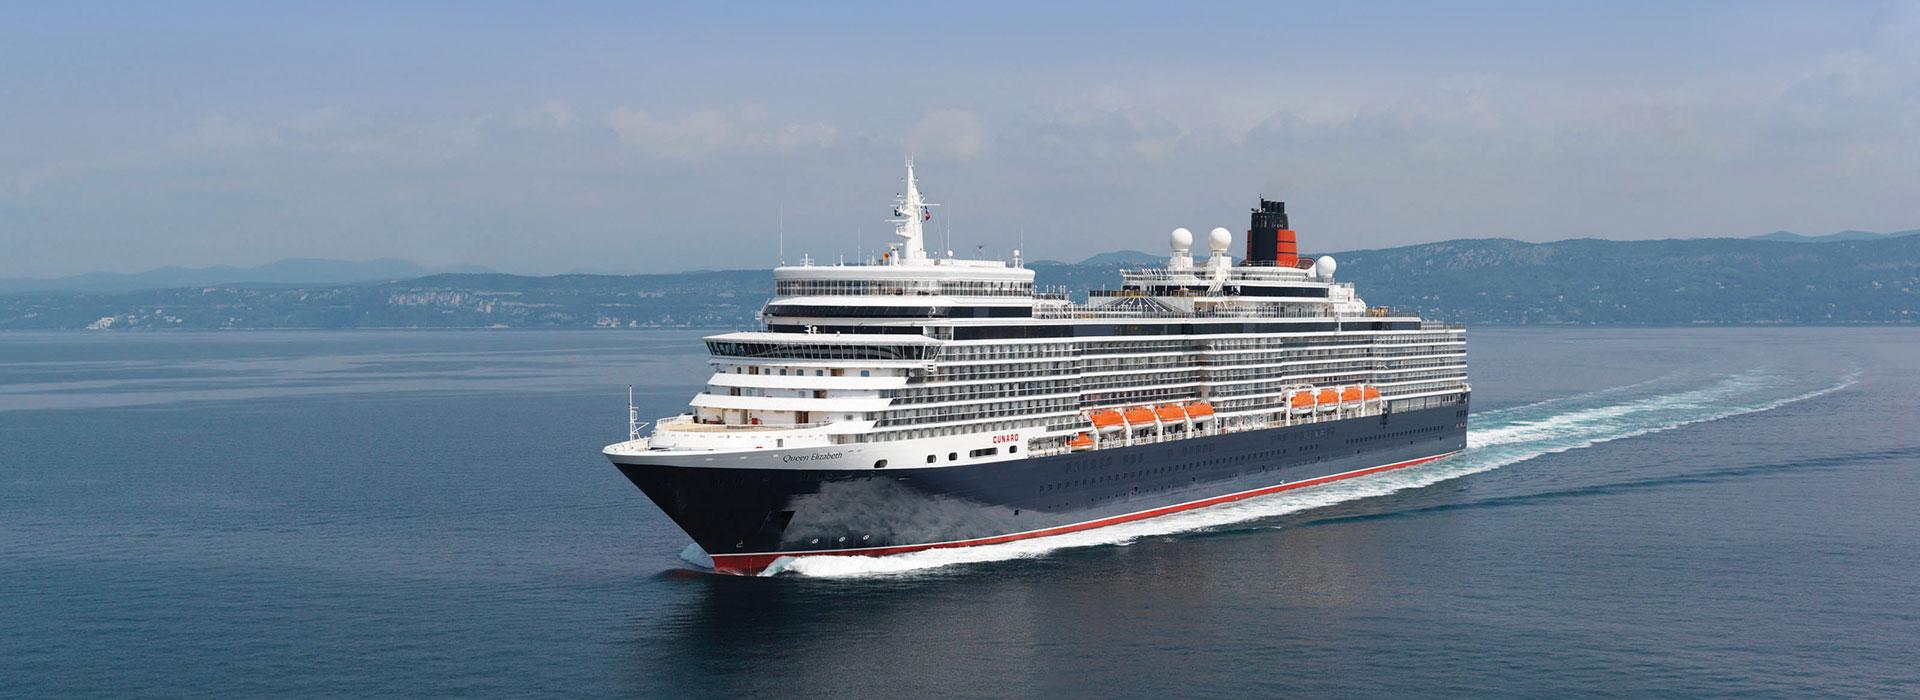 Queen Elizabeth auf See